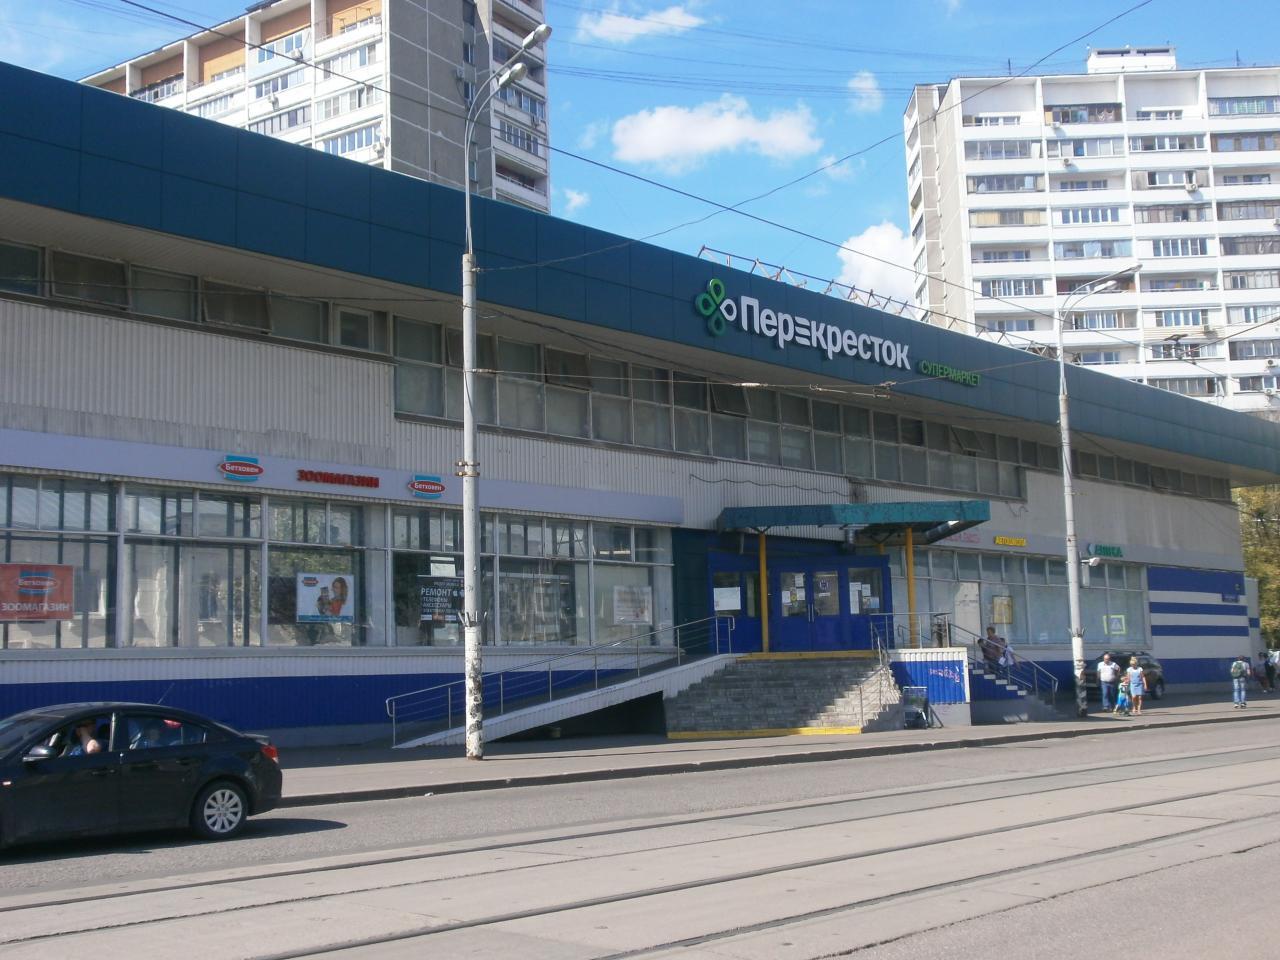 Аренда ПСН на Волочаевской 12Астр1 | фото 1 из 5